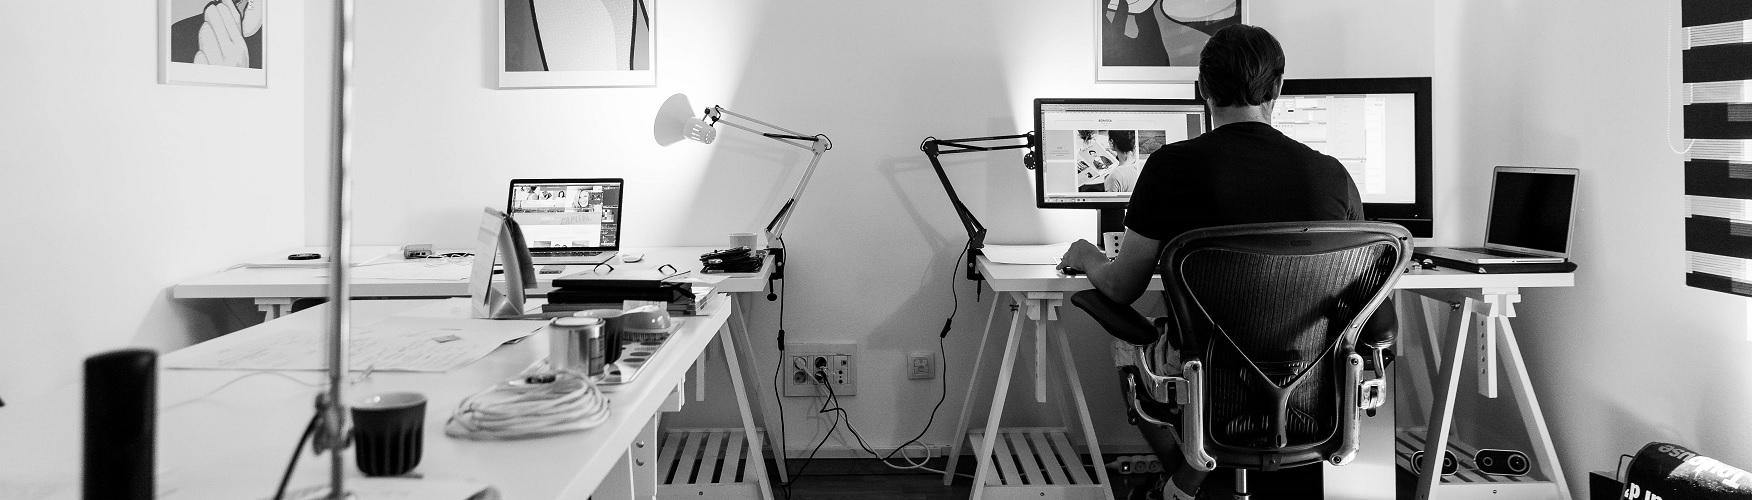 creaweb studio : site internet et référencement